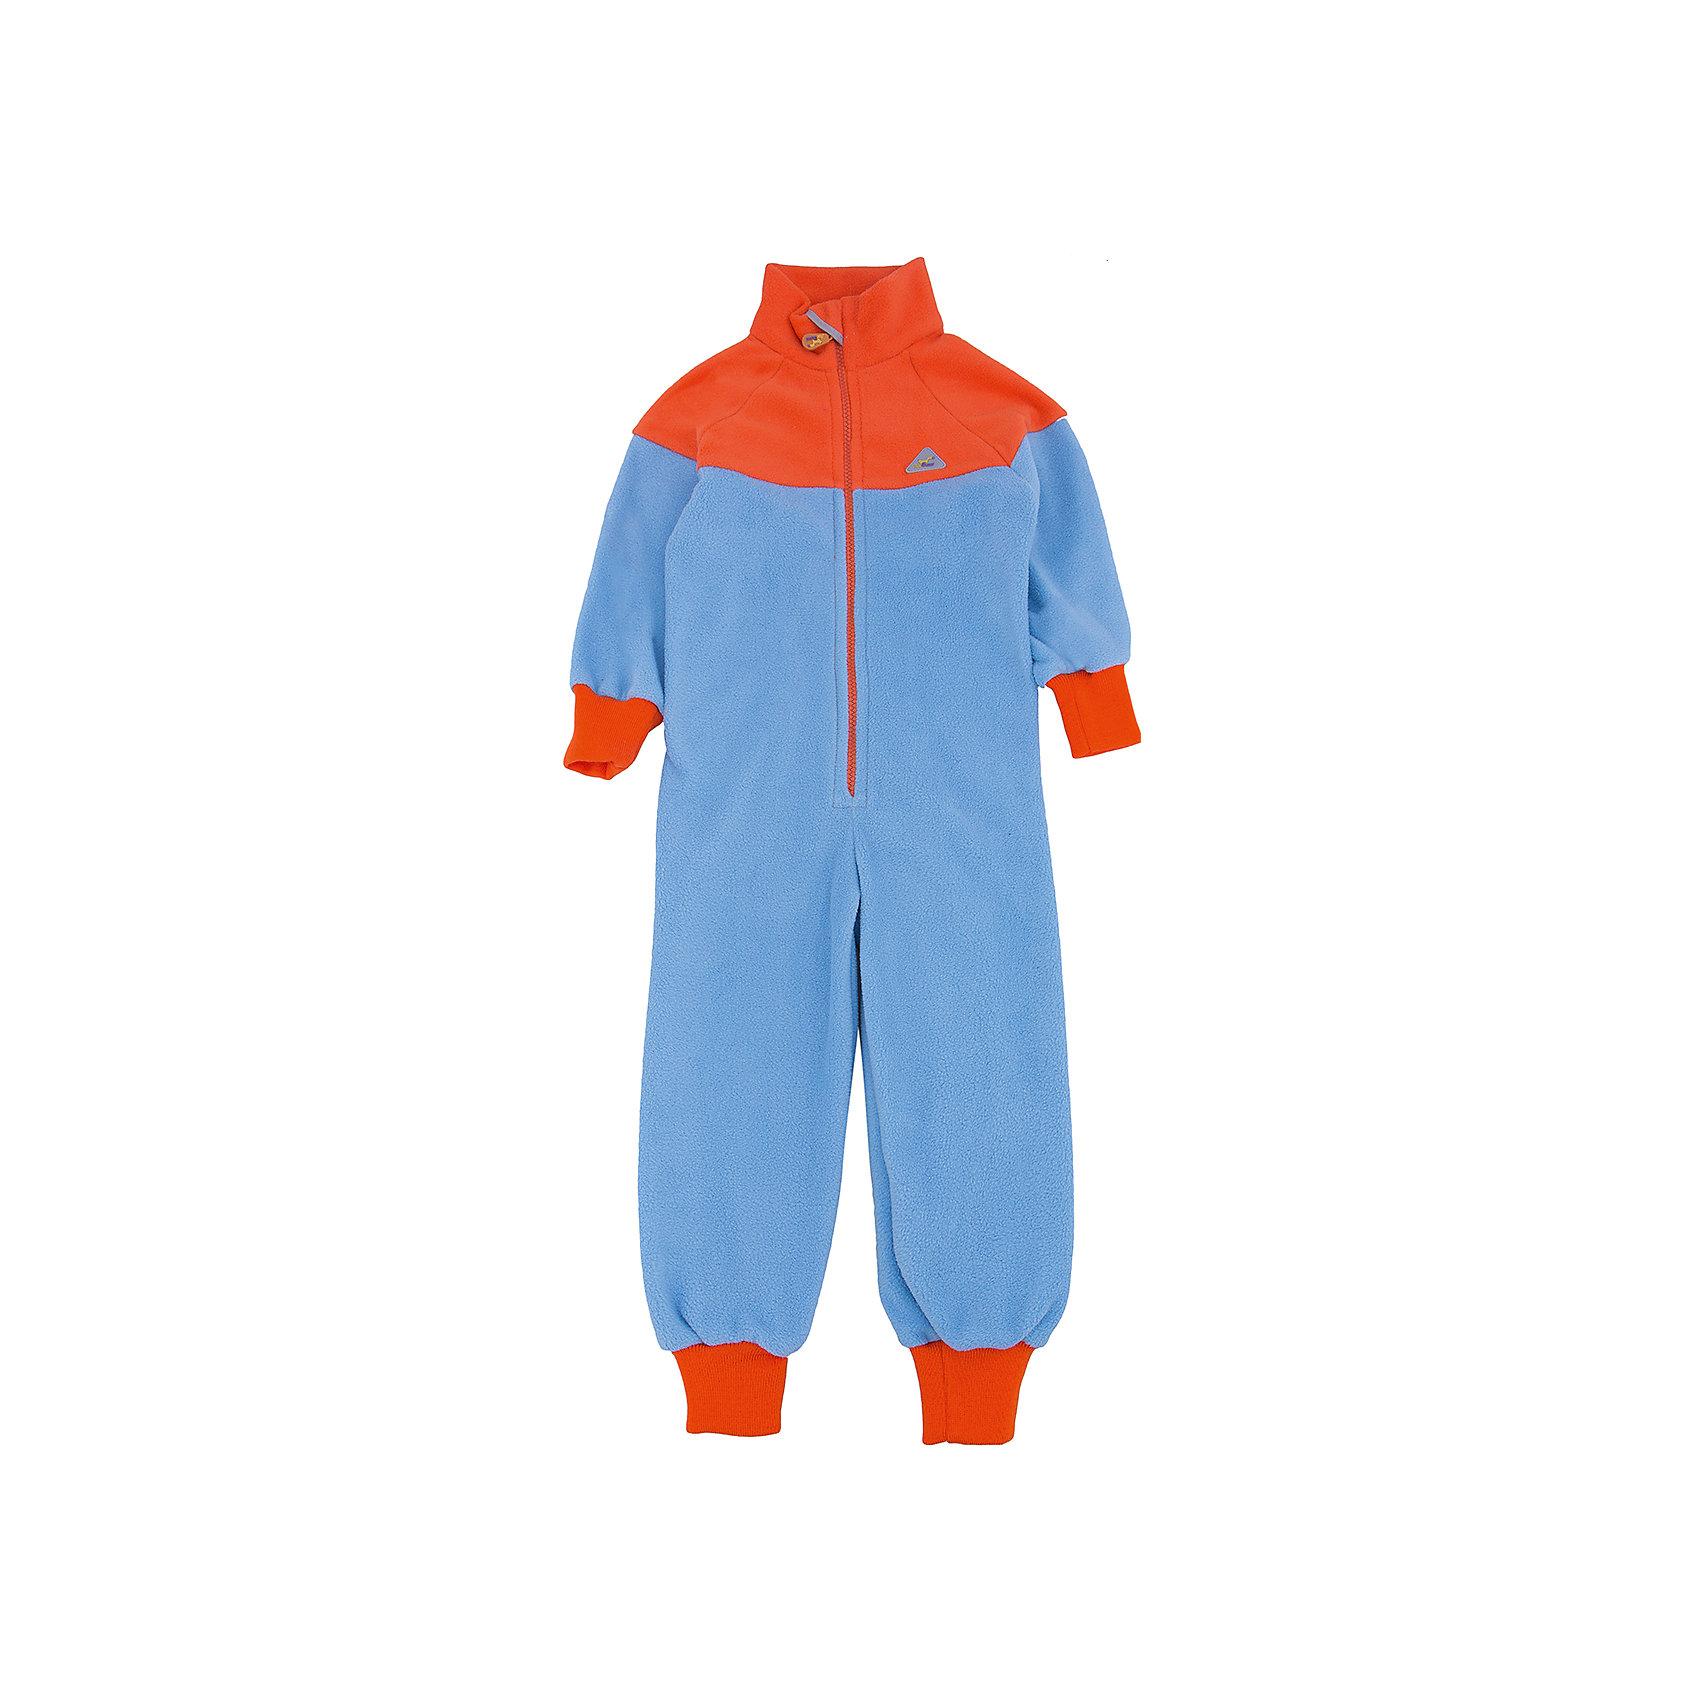 Комбинезон Чемпион для мальчика ЛисФлисФлис и термобелье<br>Характеристики комбинезона:<br><br>- пол: для мальчиков<br>- комплект: комбинезон<br>- длина рукава: длинные<br>- цвет: голубой/оранжевый<br>- вид застежки: молния<br>- материал: флис<br>- уход: предварительная стирка<br>- рисунок: без рисунка<br>- утеплитель: без утепления<br>- назначение: повседневная<br>- сезон: круглогодичный<br>- страна бренда: Россия<br>- страна производитель: Россия<br><br>Комбинезон торговой марки ЛисФлис Чемпион является постоянным хитом продаж благодаря идеальному соотношению цены и качества. Изделие обладает качественной фурнитурой, ровными строчками, красивыми декоративными элементами. Комбинезон выполнен из плотного флиса 280 г. с манжетами на рукавах и штанинах, со специальной защитой-стоппером от молнии и резинкой на спине для лучшей посадки изделия.<br><br>Комбинезон для мальчика торговой марки ЛисФлис  можно купить в нашем интернет-магазине.<br><br>Ширина мм: 215<br>Глубина мм: 88<br>Высота мм: 191<br>Вес г: 336<br>Цвет: оранжевый/синий<br>Возраст от месяцев: 84<br>Возраст до месяцев: 96<br>Пол: Мужской<br>Возраст: Детский<br>Размер: 128,80,86,92,98,104,110,116,122<br>SKU: 4938861